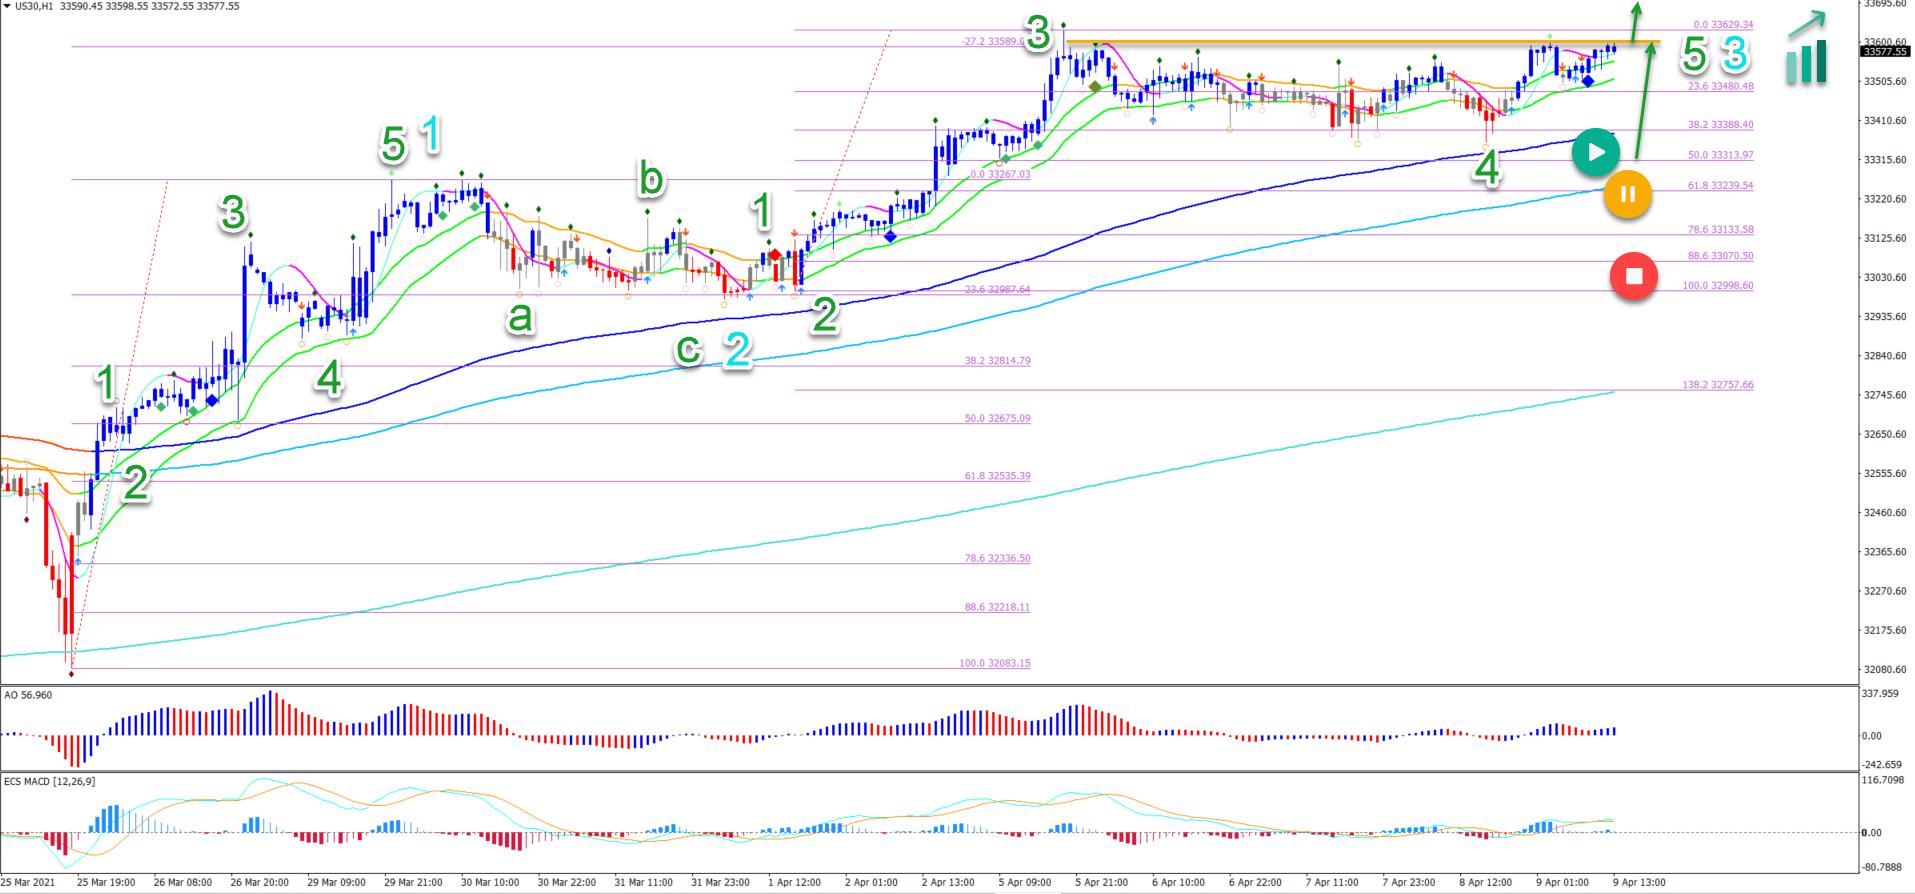 Dow Jones 09.04.2021 1 hour chart